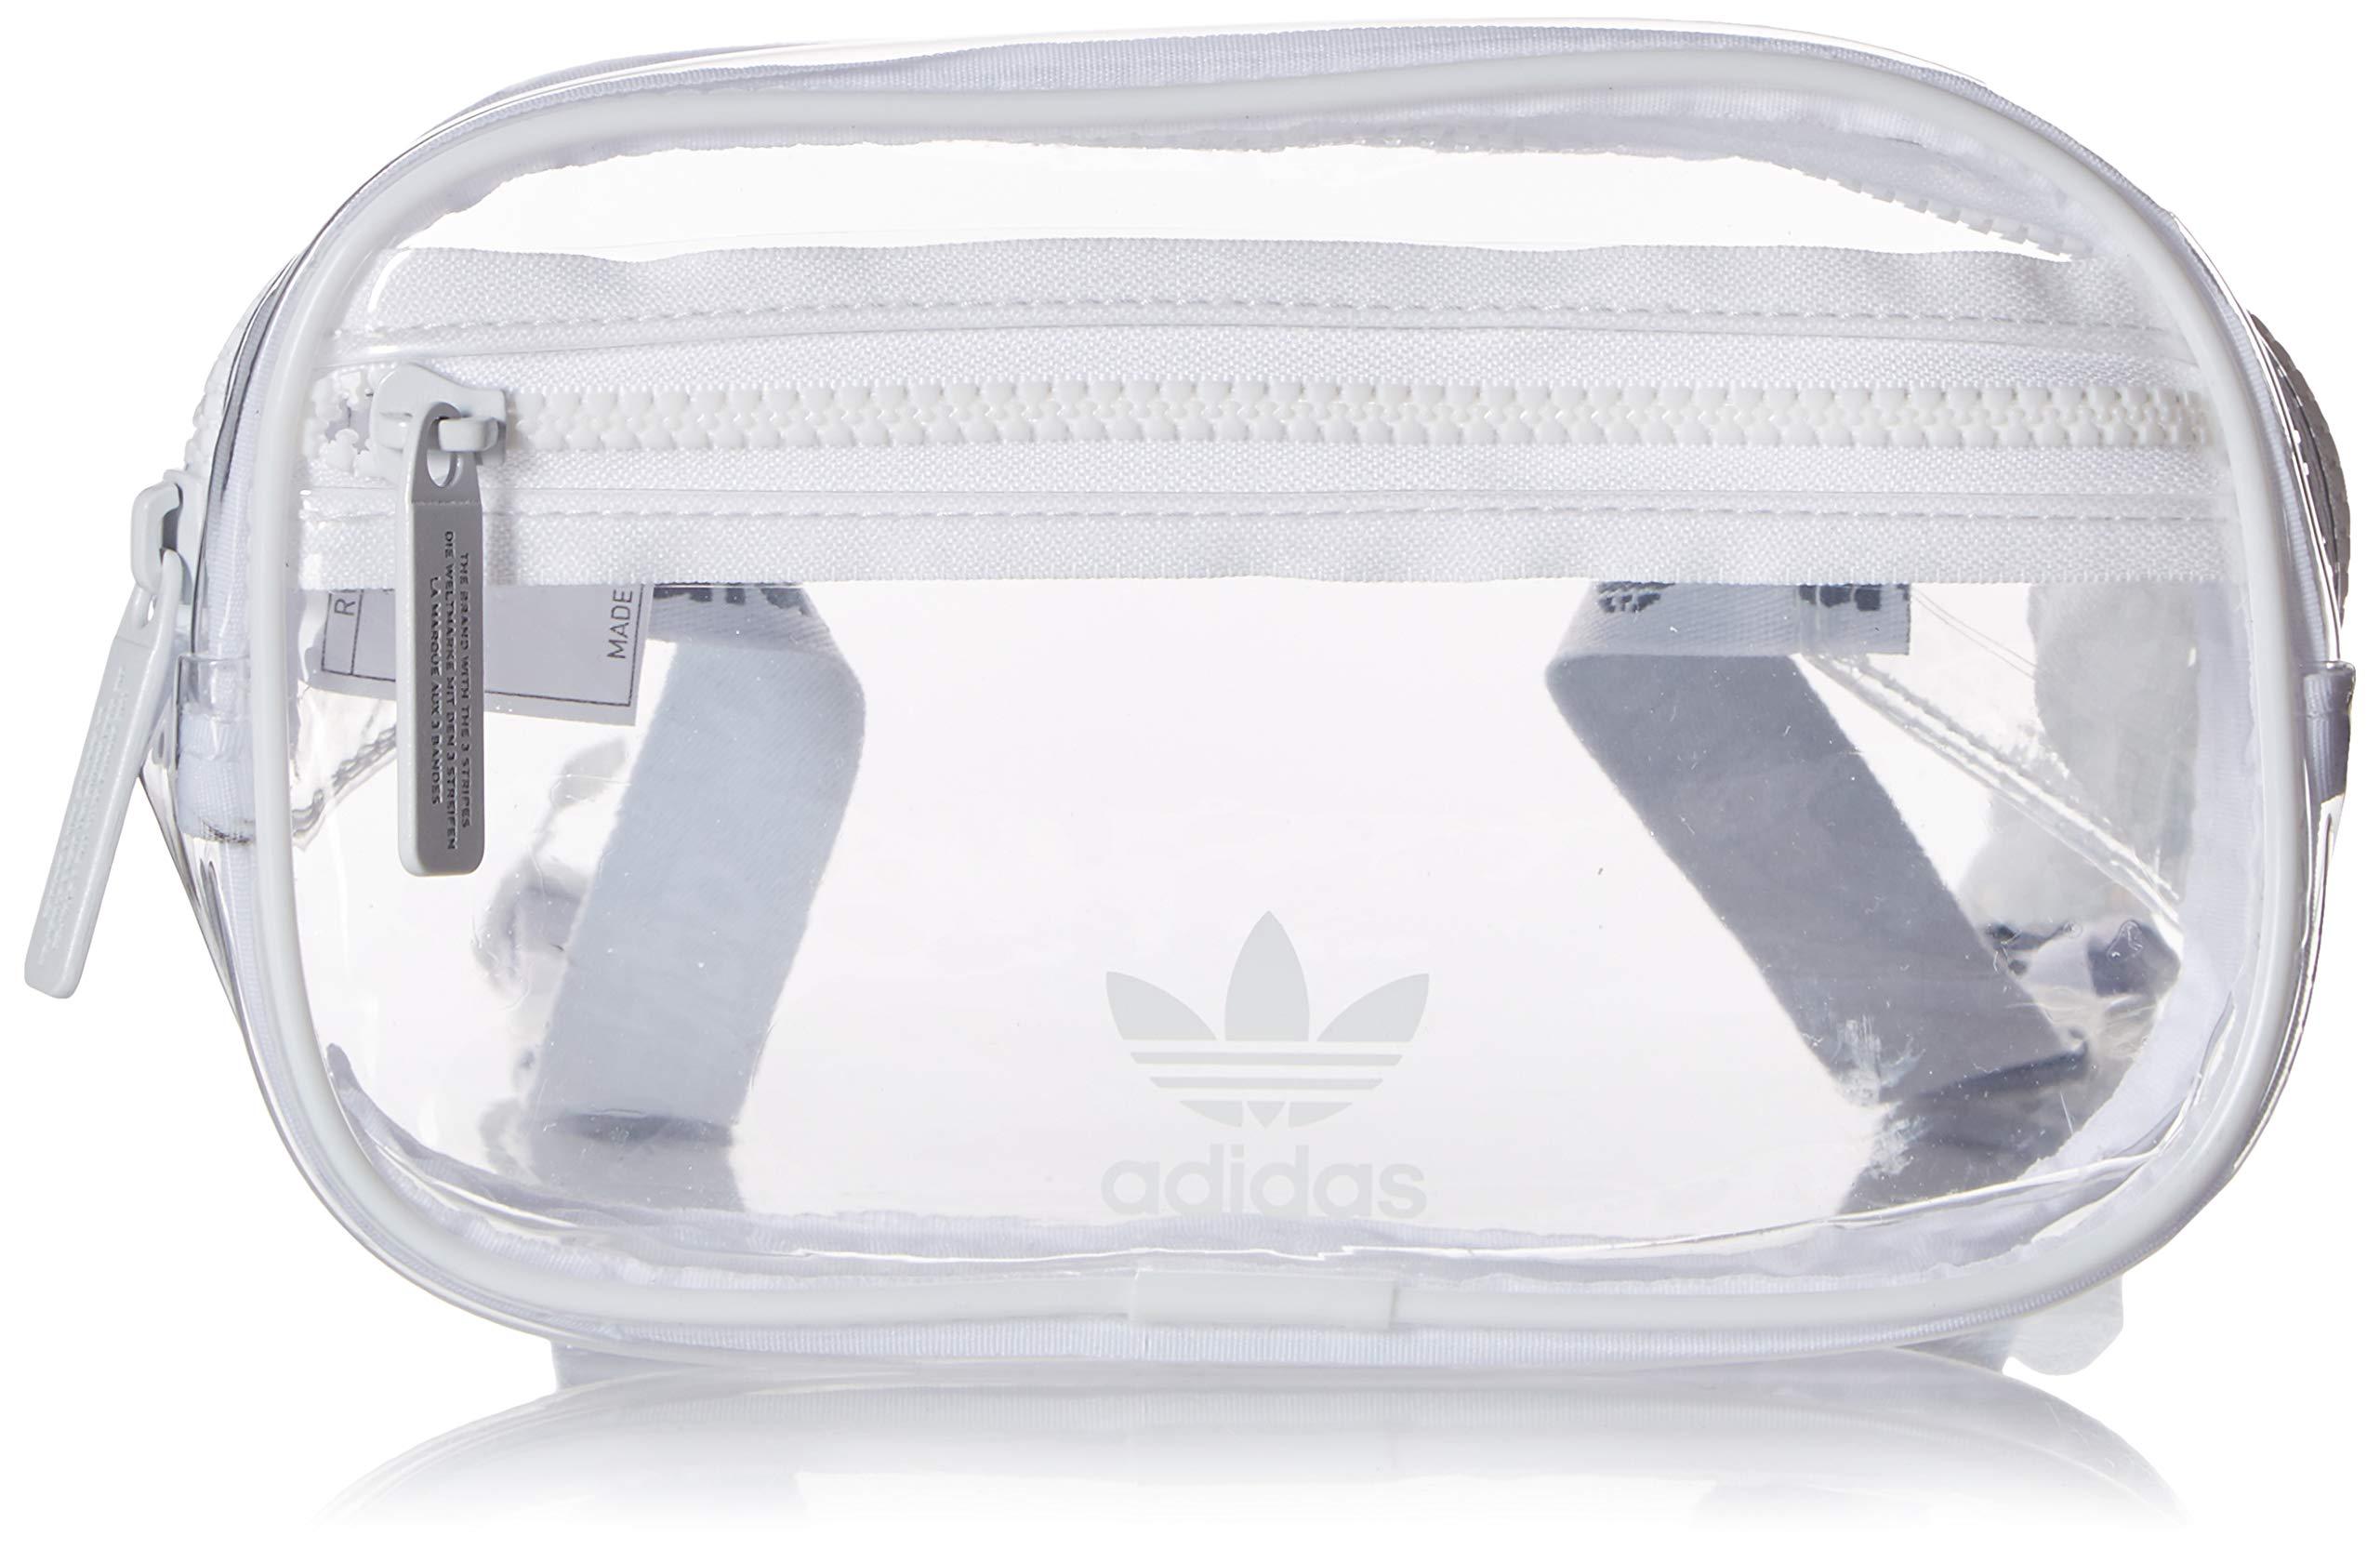 adidas Originals Unisex Clear Waist Pack, White, ONE SIZE by adidas Originals